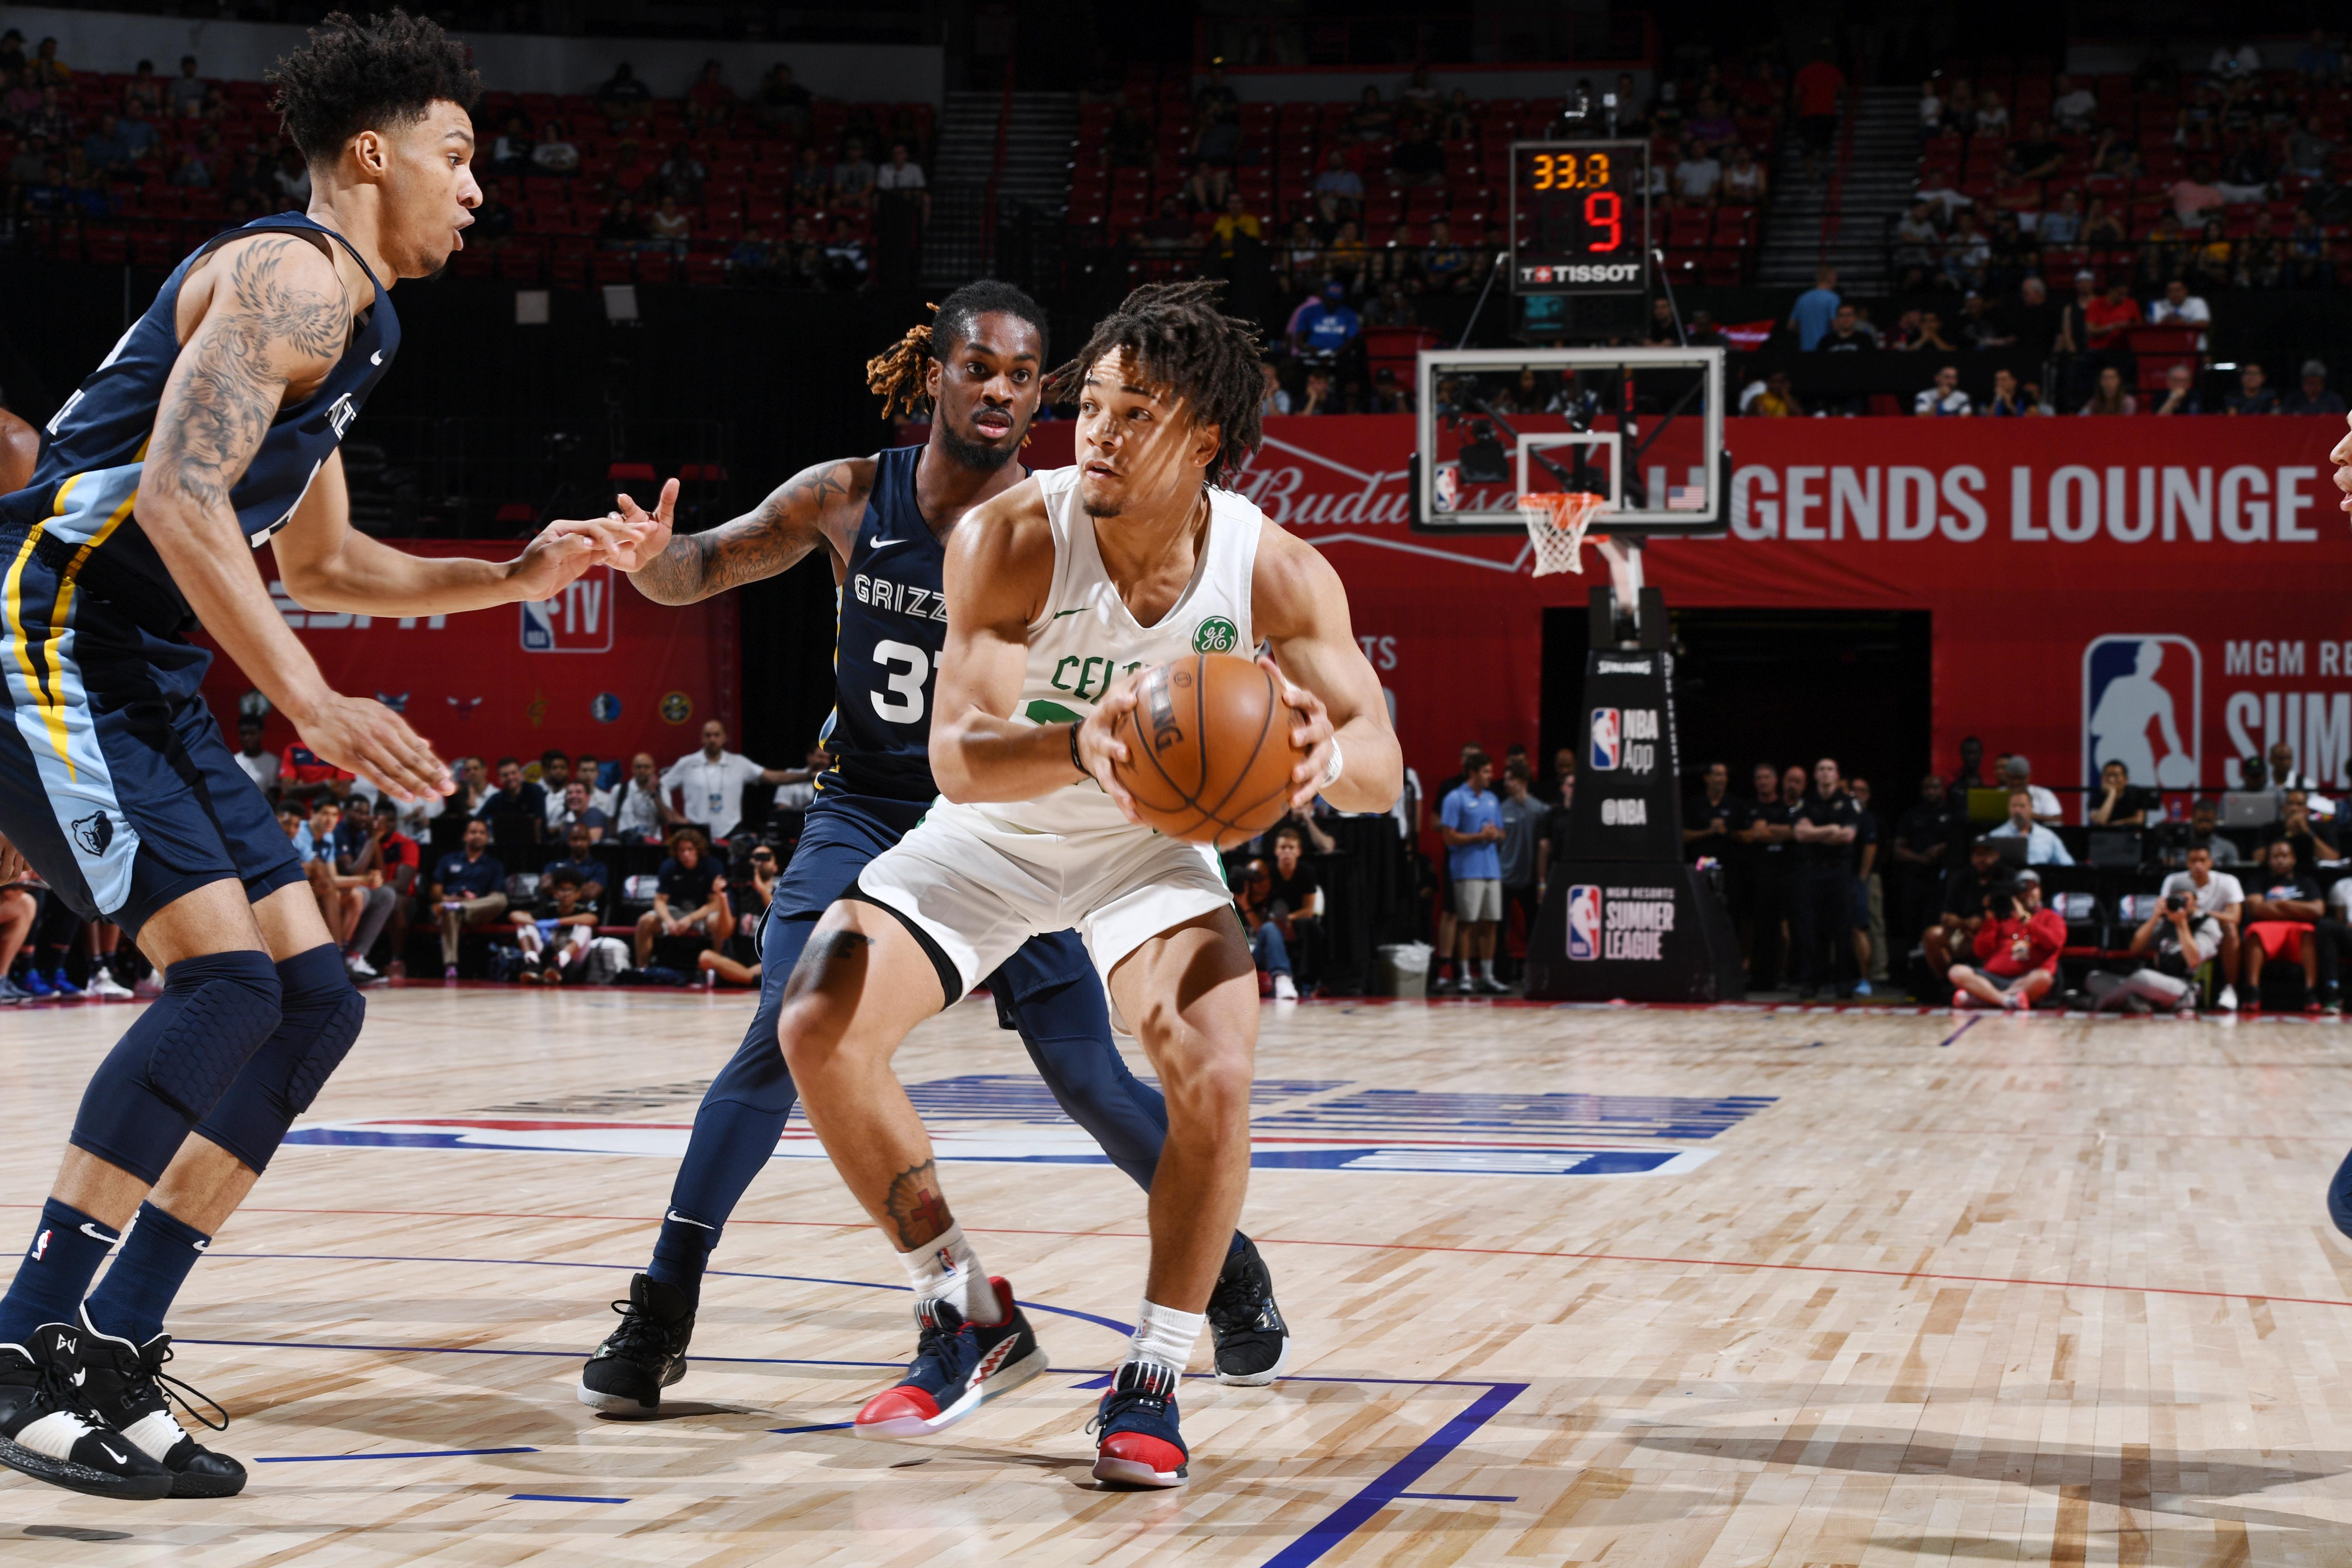 2019 Las Vegas Summer League - Memphis Grizzlies v Boston Celtics